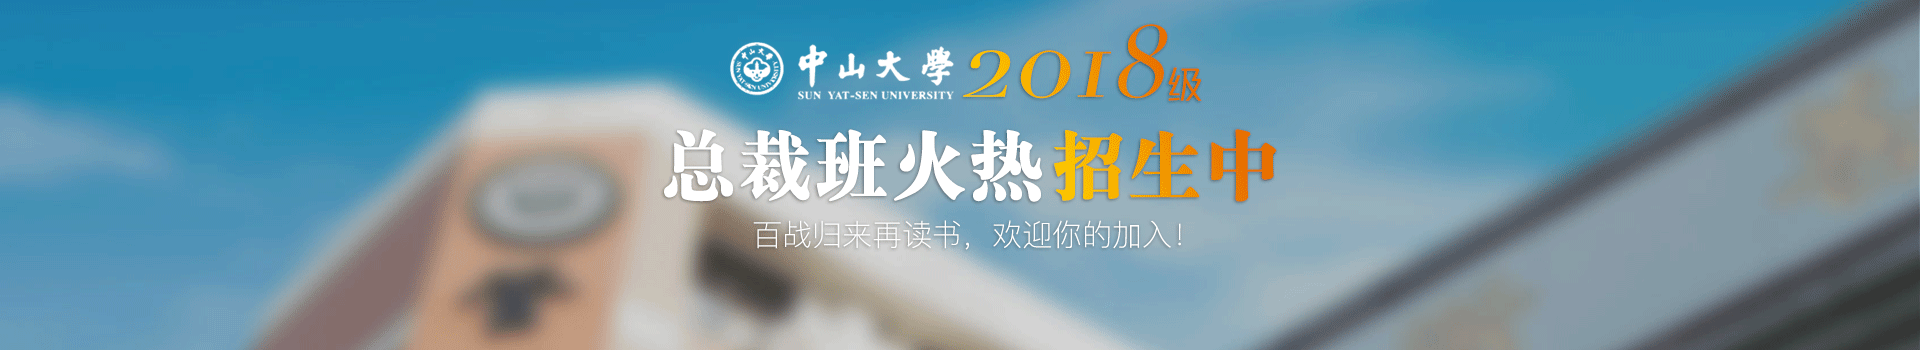 中山大学金融投资与互联网+商业模式创新总裁班招生简章